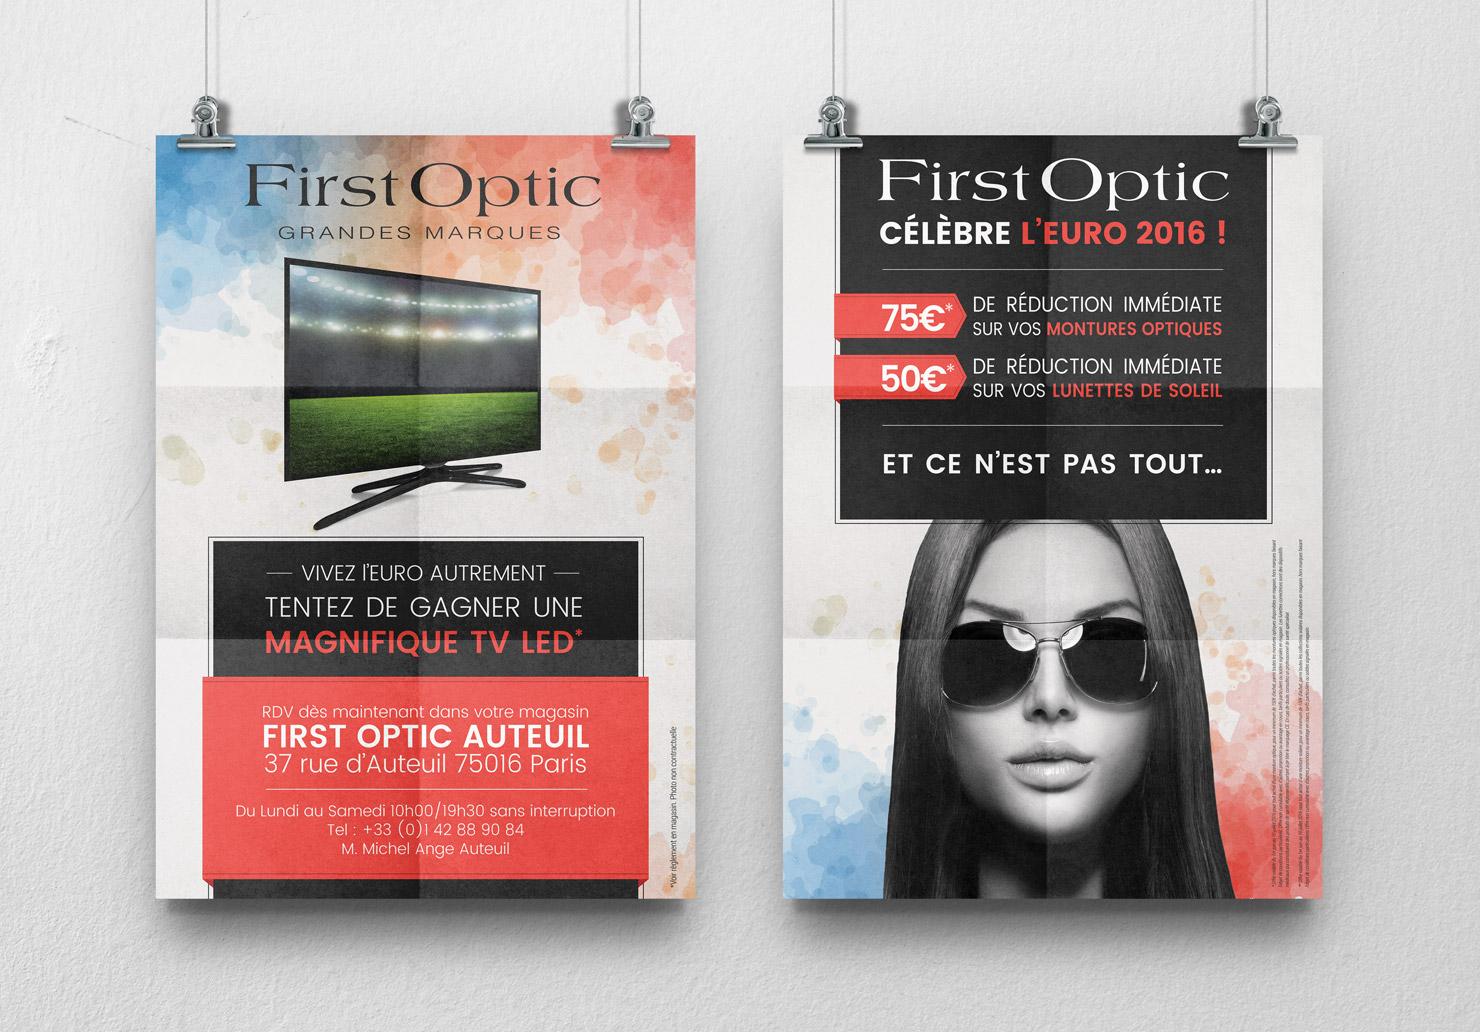 Affiches First Optic - Création d'affiches par Emilie Le Béhérec Prima, graphiste freelance web et print